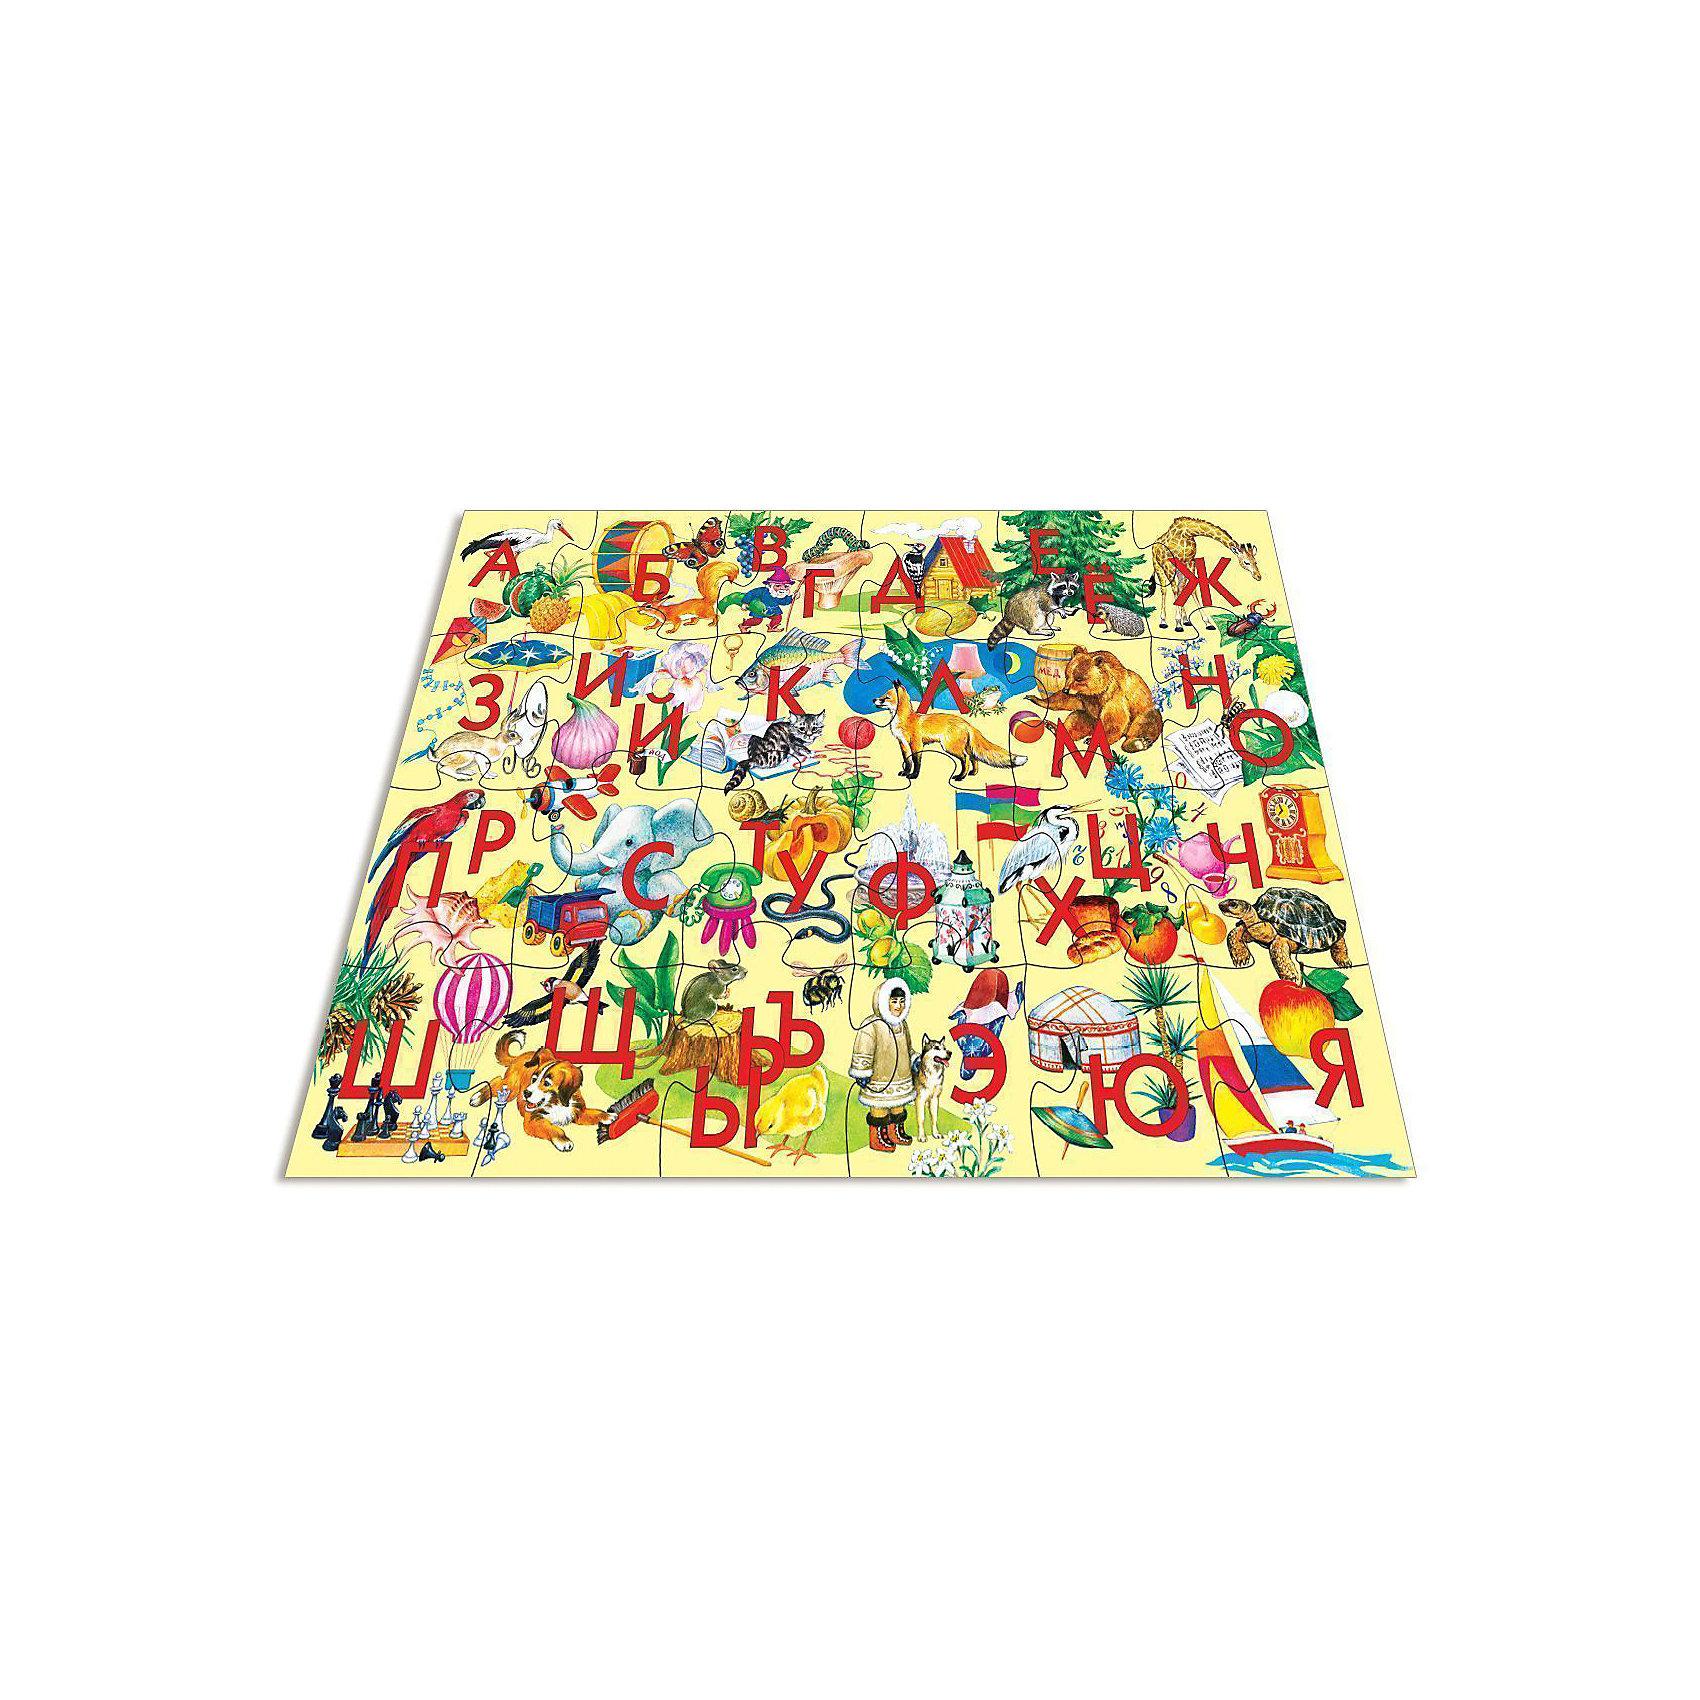 Мозаика для малышей Азбука, 24 макси-детали, Дрофа-МедиаМозаика<br>Мозаика для малышей с алфавитом от Дрофа-Медиа (Drofa-media). <br><br>Крупные и яркие детали мозаики привлекают внимание даже самых маленьких детей. Картинку удобно собирать, сидя на полу: большие фрагменты рассчитаны на малышей и не потеряются. Игра развивает зрительное восприятие, мышление и мелкую моторику рук, учит подбирать подходящие по форме части рисунка и складывать целое изображение, помогает изучить алфавит.<br>Всего в набор входит 24 пазловые детали, на каждой написаны 1-2 буквы и изображены предметы, начинающиеся на эти буквы.<br><br>Порадуйте Вашего малыша прекрасным подарком!<br><br>Дополнительная информация:<br><br>- В комплекте: 24 макси-детали<br>- Материал: плотный картон<br>- Размер собранного поля: 700 х 500 мм<br>- Размер упаковки: 265 х 50 х 275 мм<br>- Вес: 620 г.<br><br>Мозаику для малышей с алфавитом от Дрофа-Медиа (Drofa-media) можно купить в нашем интернет-магазине.<br><br>Ширина мм: 265<br>Глубина мм: 50<br>Высота мм: 275<br>Вес г: 620<br>Возраст от месяцев: 48<br>Возраст до месяцев: 84<br>Пол: Унисекс<br>Возраст: Детский<br>SKU: 2281429